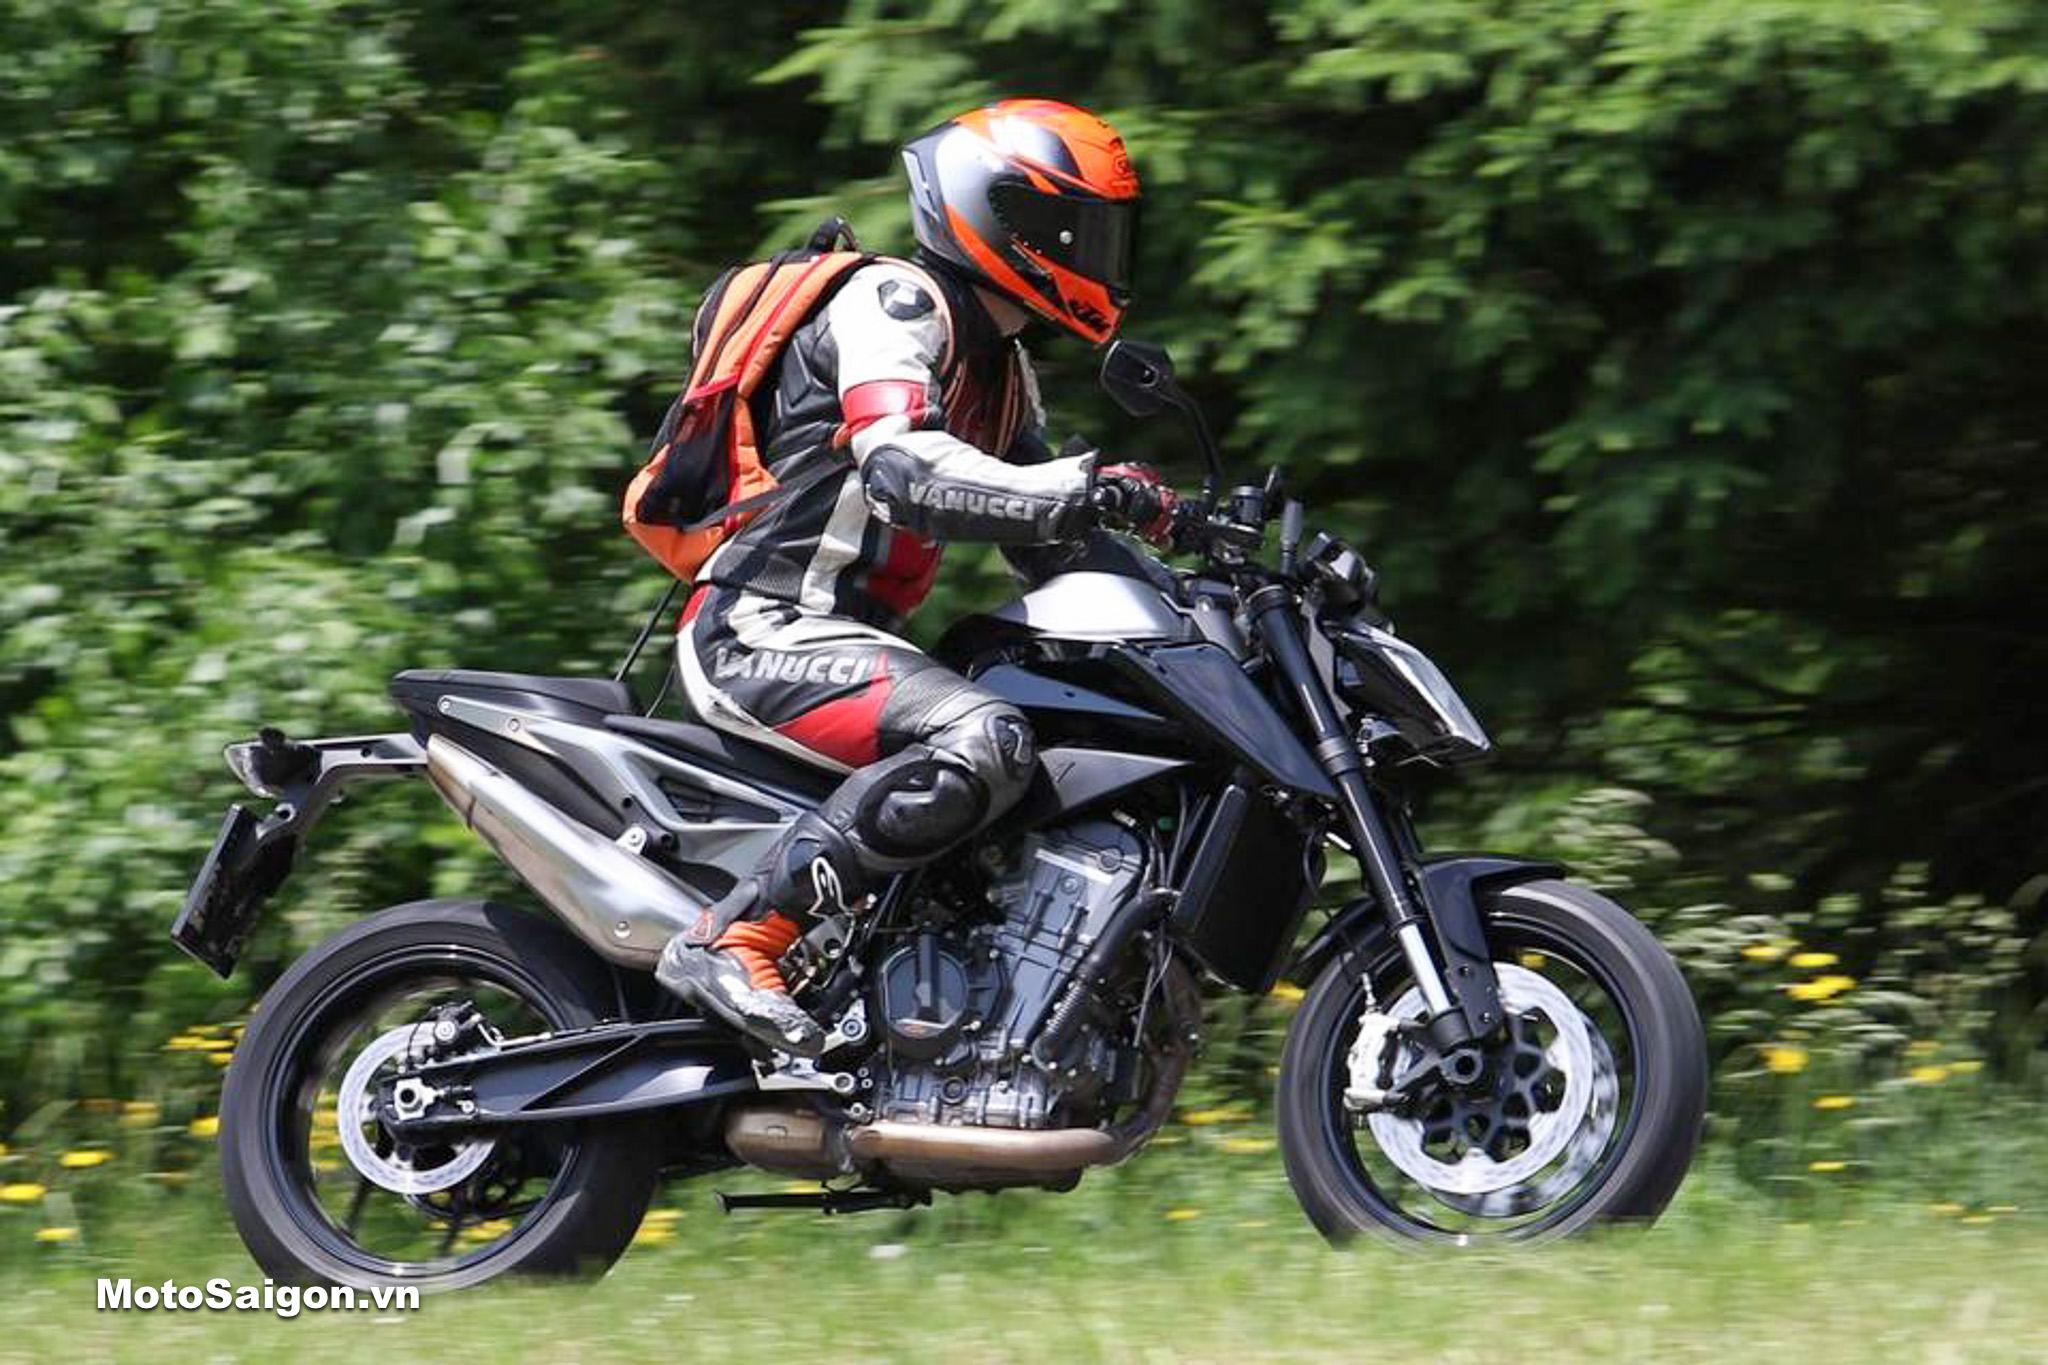 KTM 890 Duke 2020 đàn anh của 490 Duke lộ hình ảnh thực tế